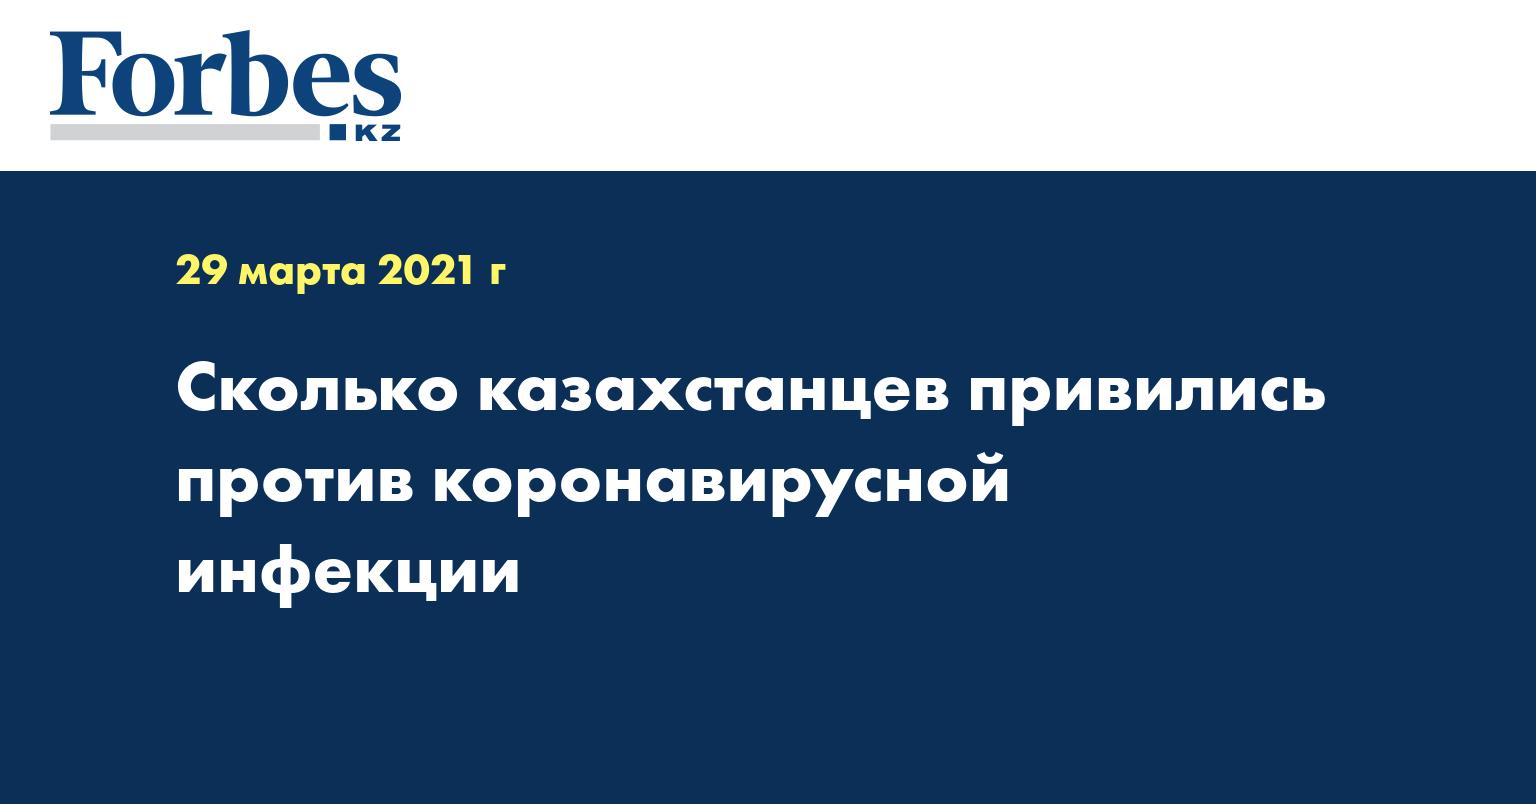 Сколько казахстанцев привились против коронавирусной инфекции